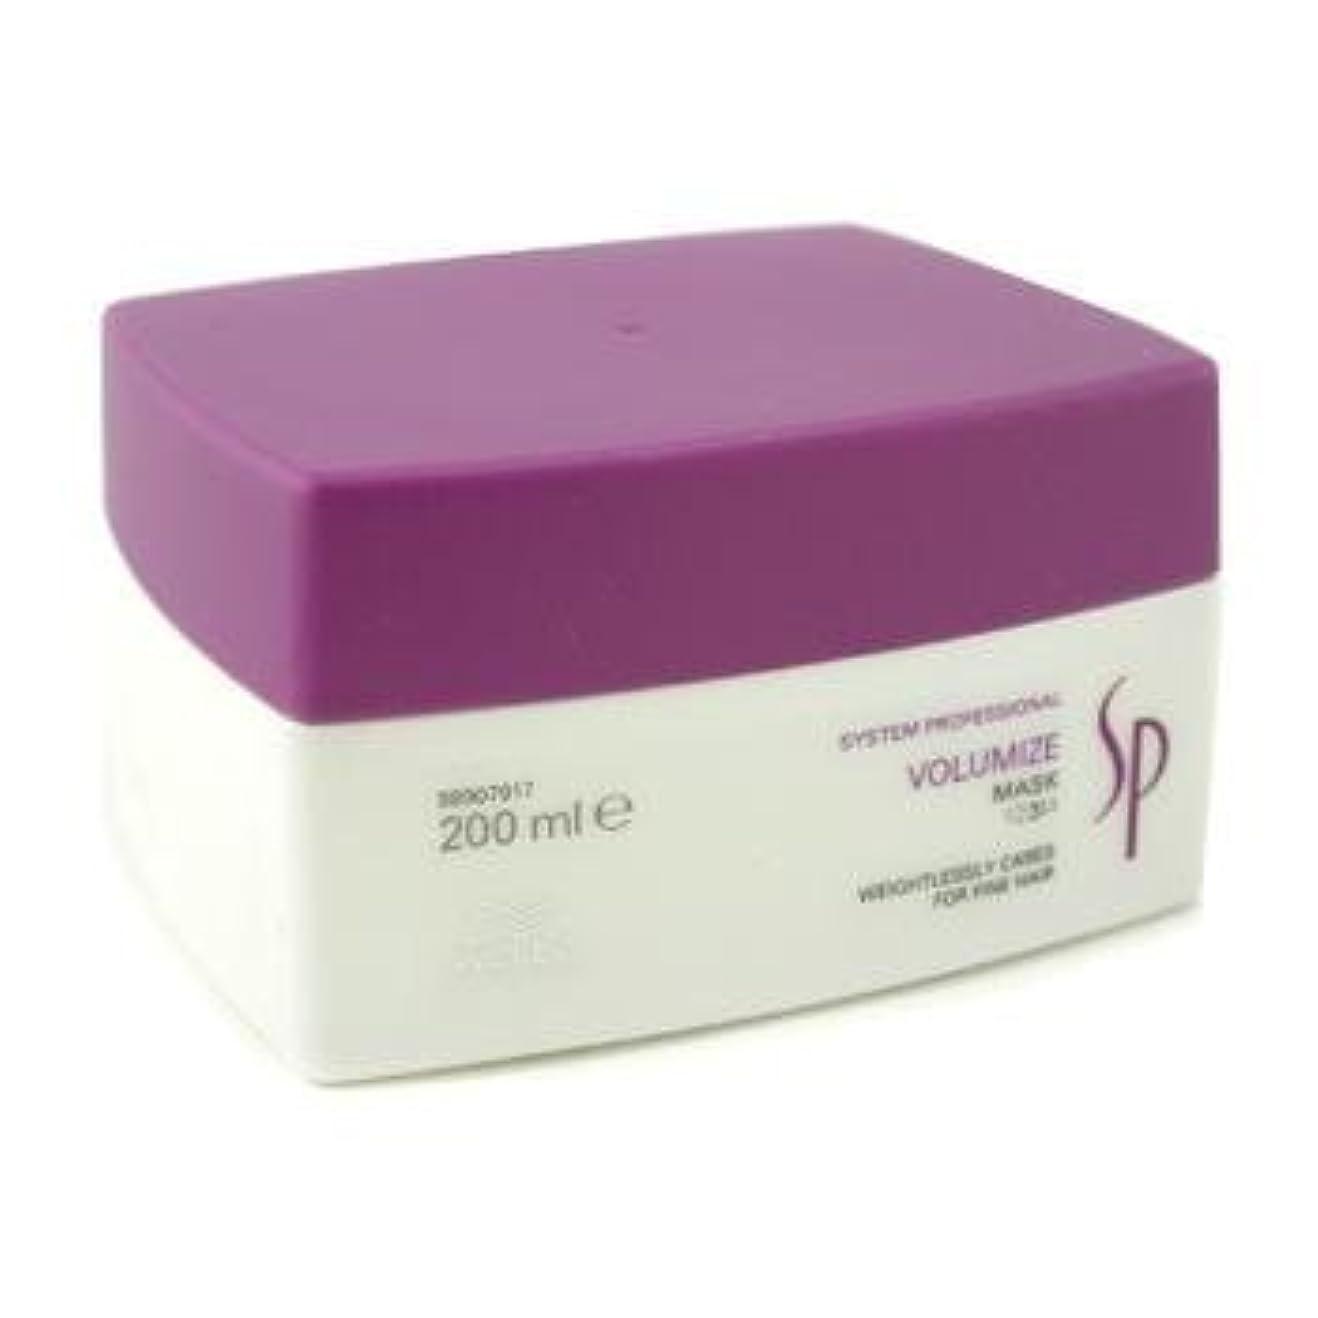 パラメータフロント呼吸するWella SP Volumize Mask (For Fine Hair) - 200ml/6.67oz by Wella [並行輸入品]